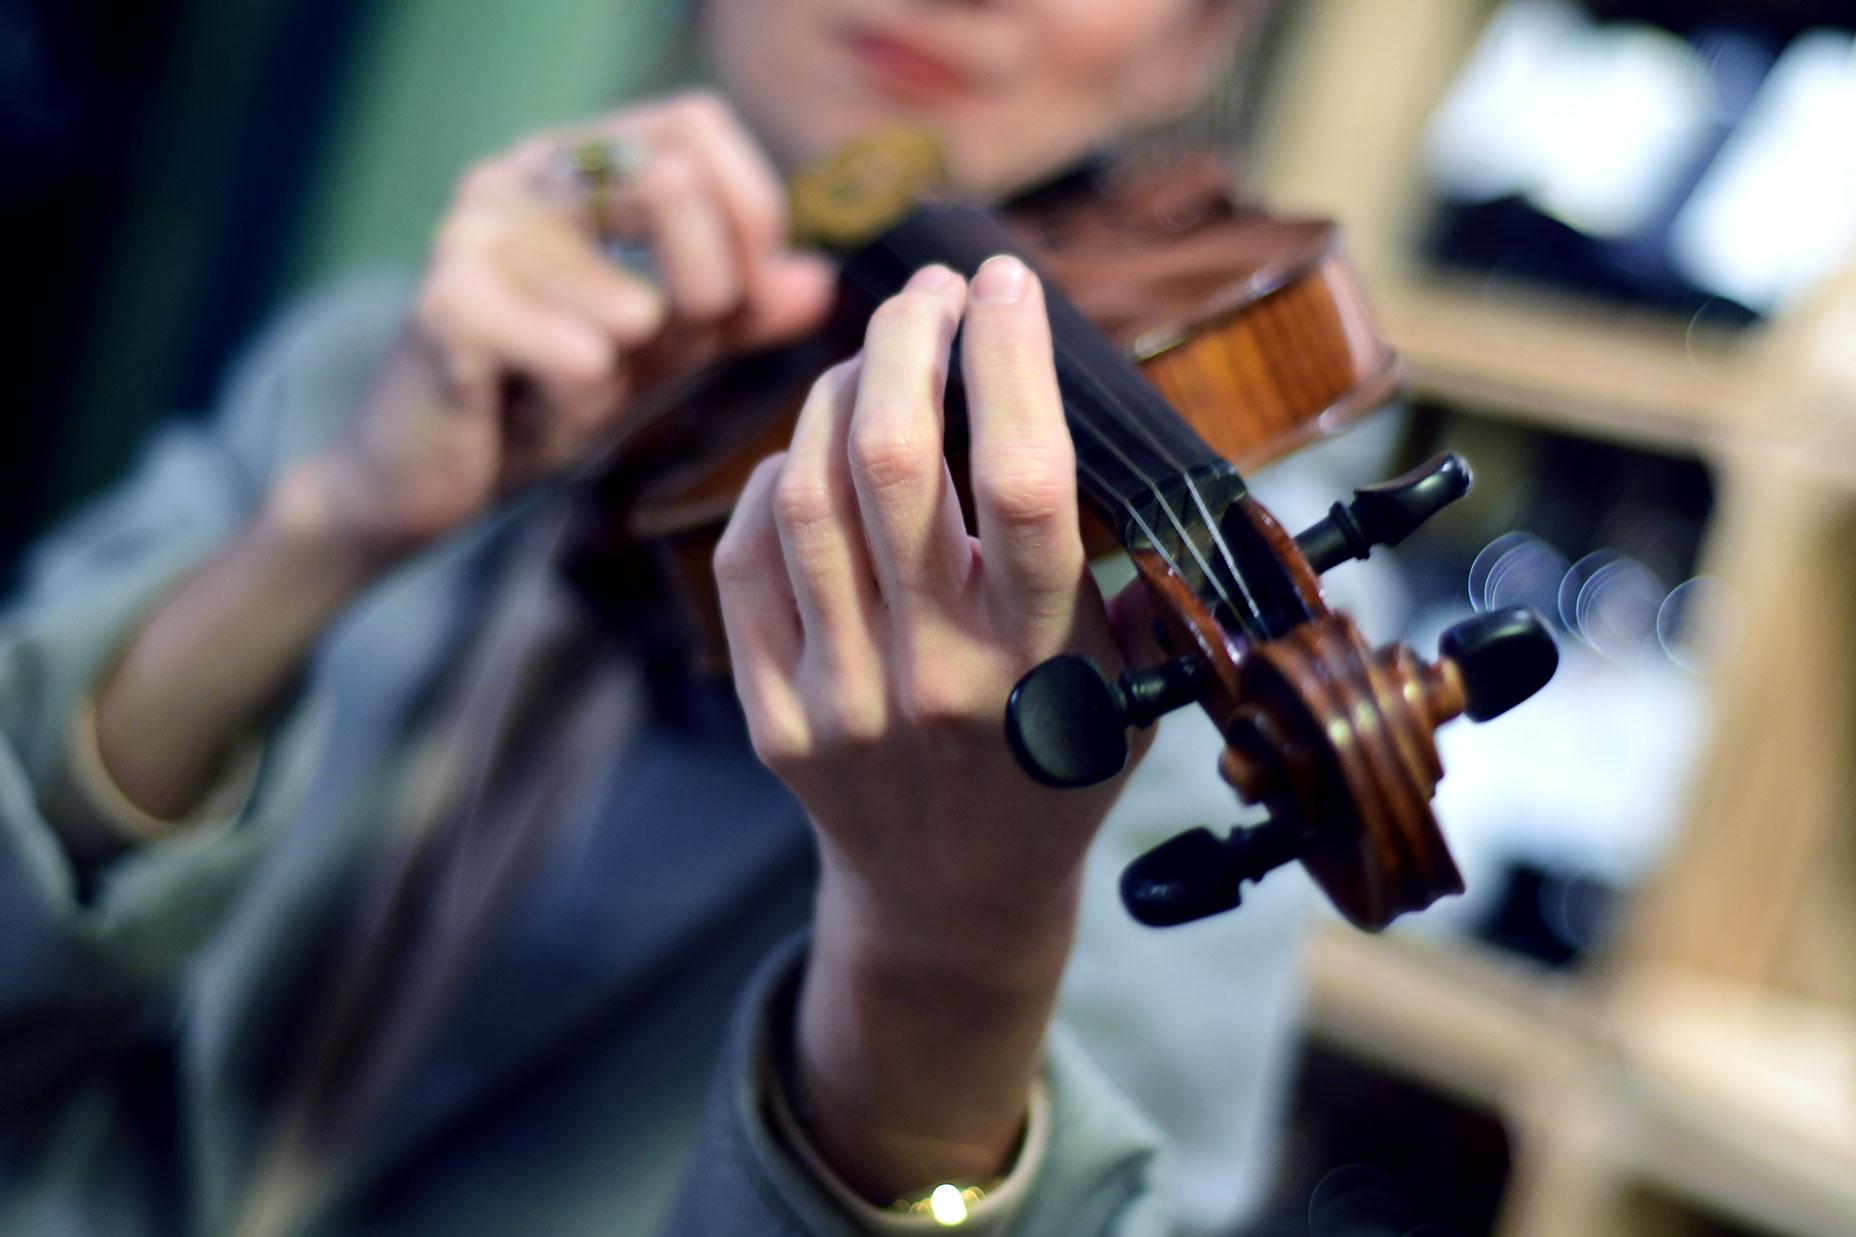 viola Другая SOVA featured, буллинг, музыка, музыкальная школа, образование